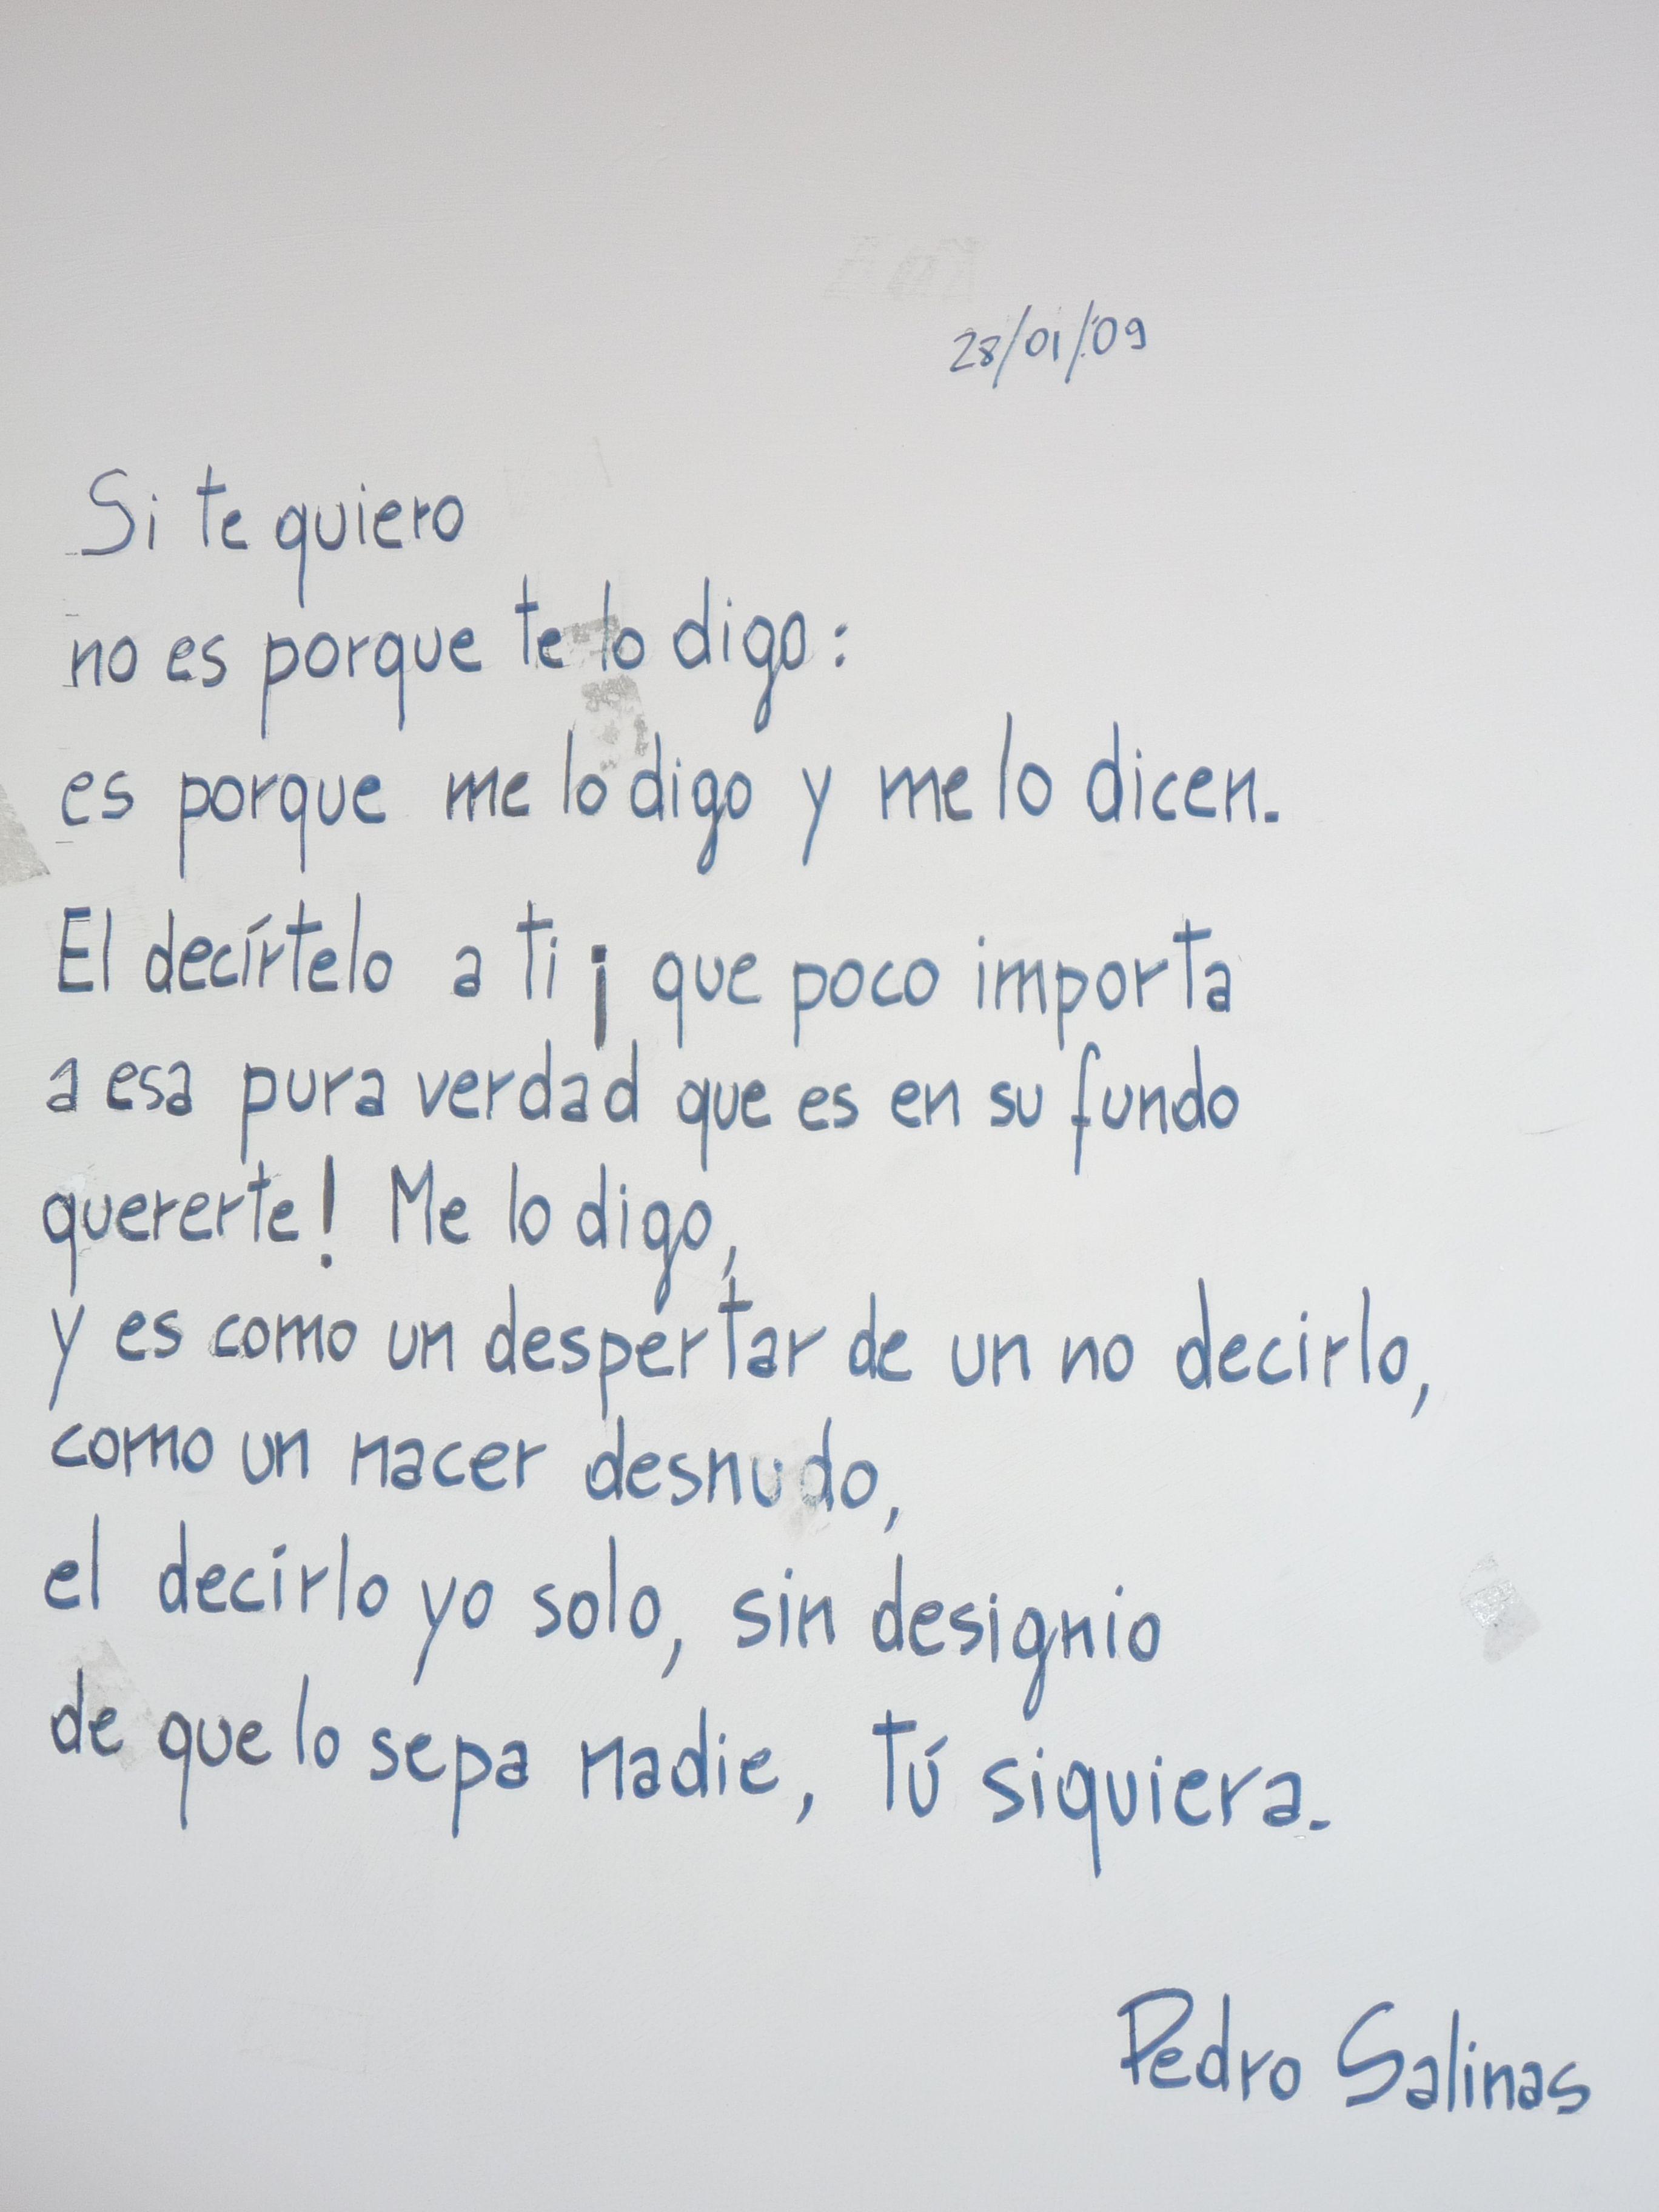 Poema Para Decir Te Quiero Sin Decirlo Pedro Salinas Si Te Quiero Poesia Poemas Literatura